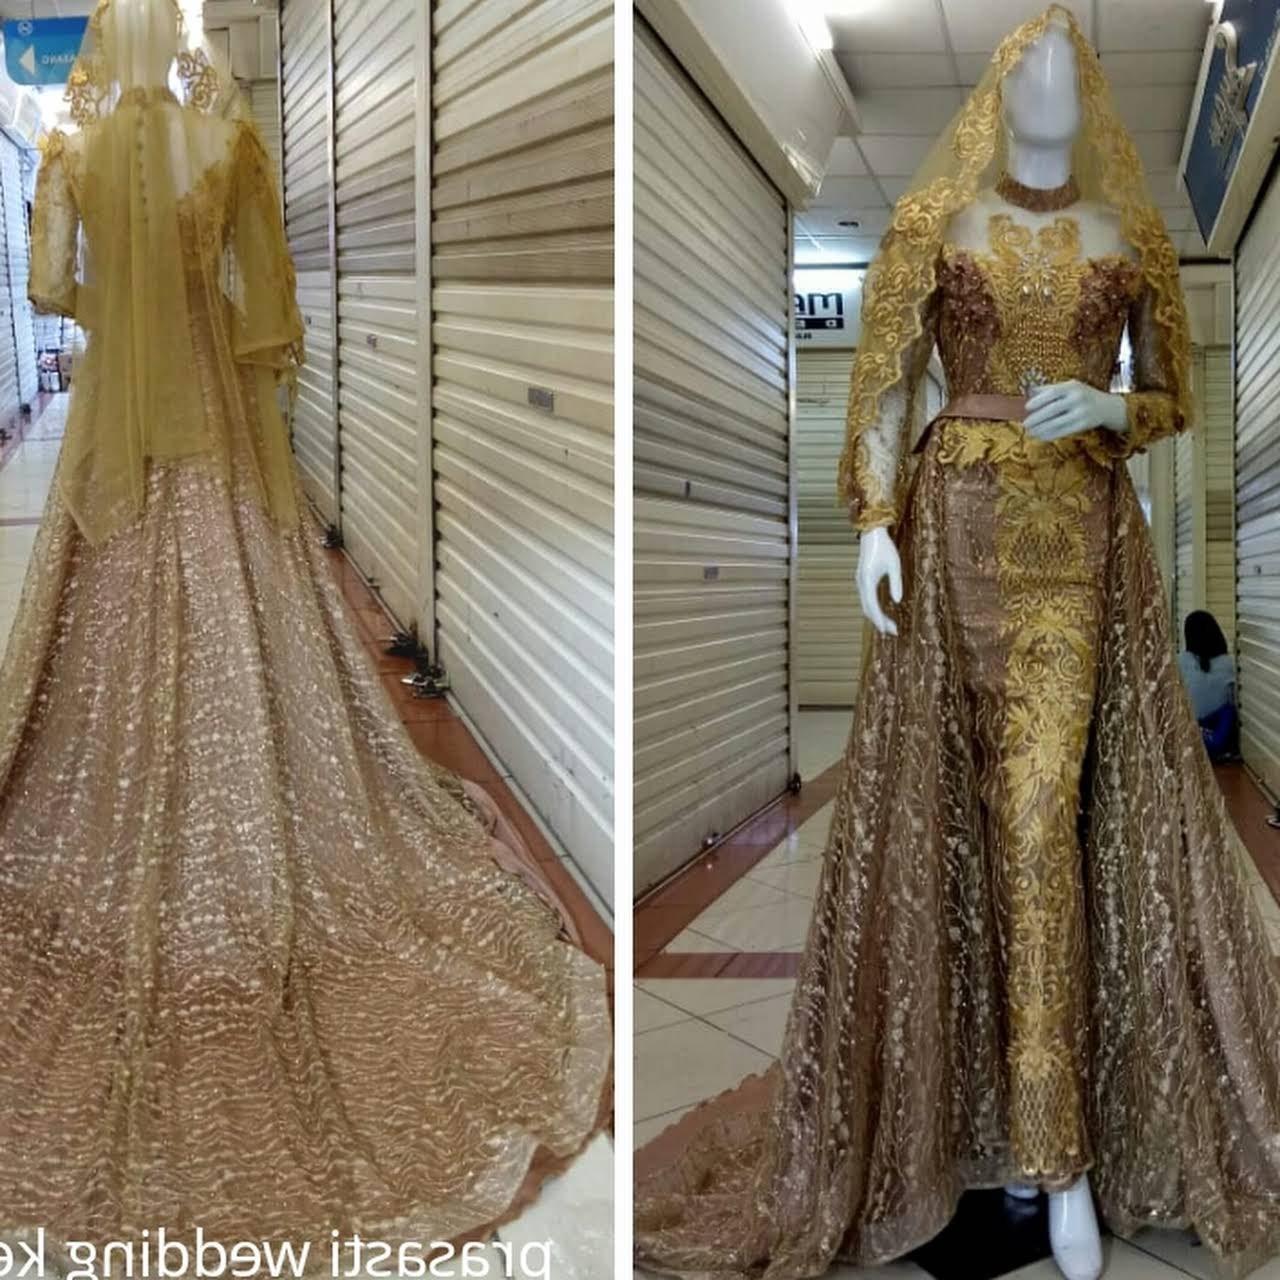 Design Sewa Baju Pengantin Muslimah Murah Thdr Gaun Kebaya Pengantin Muslimah Hijab Syari Layanan Belanja